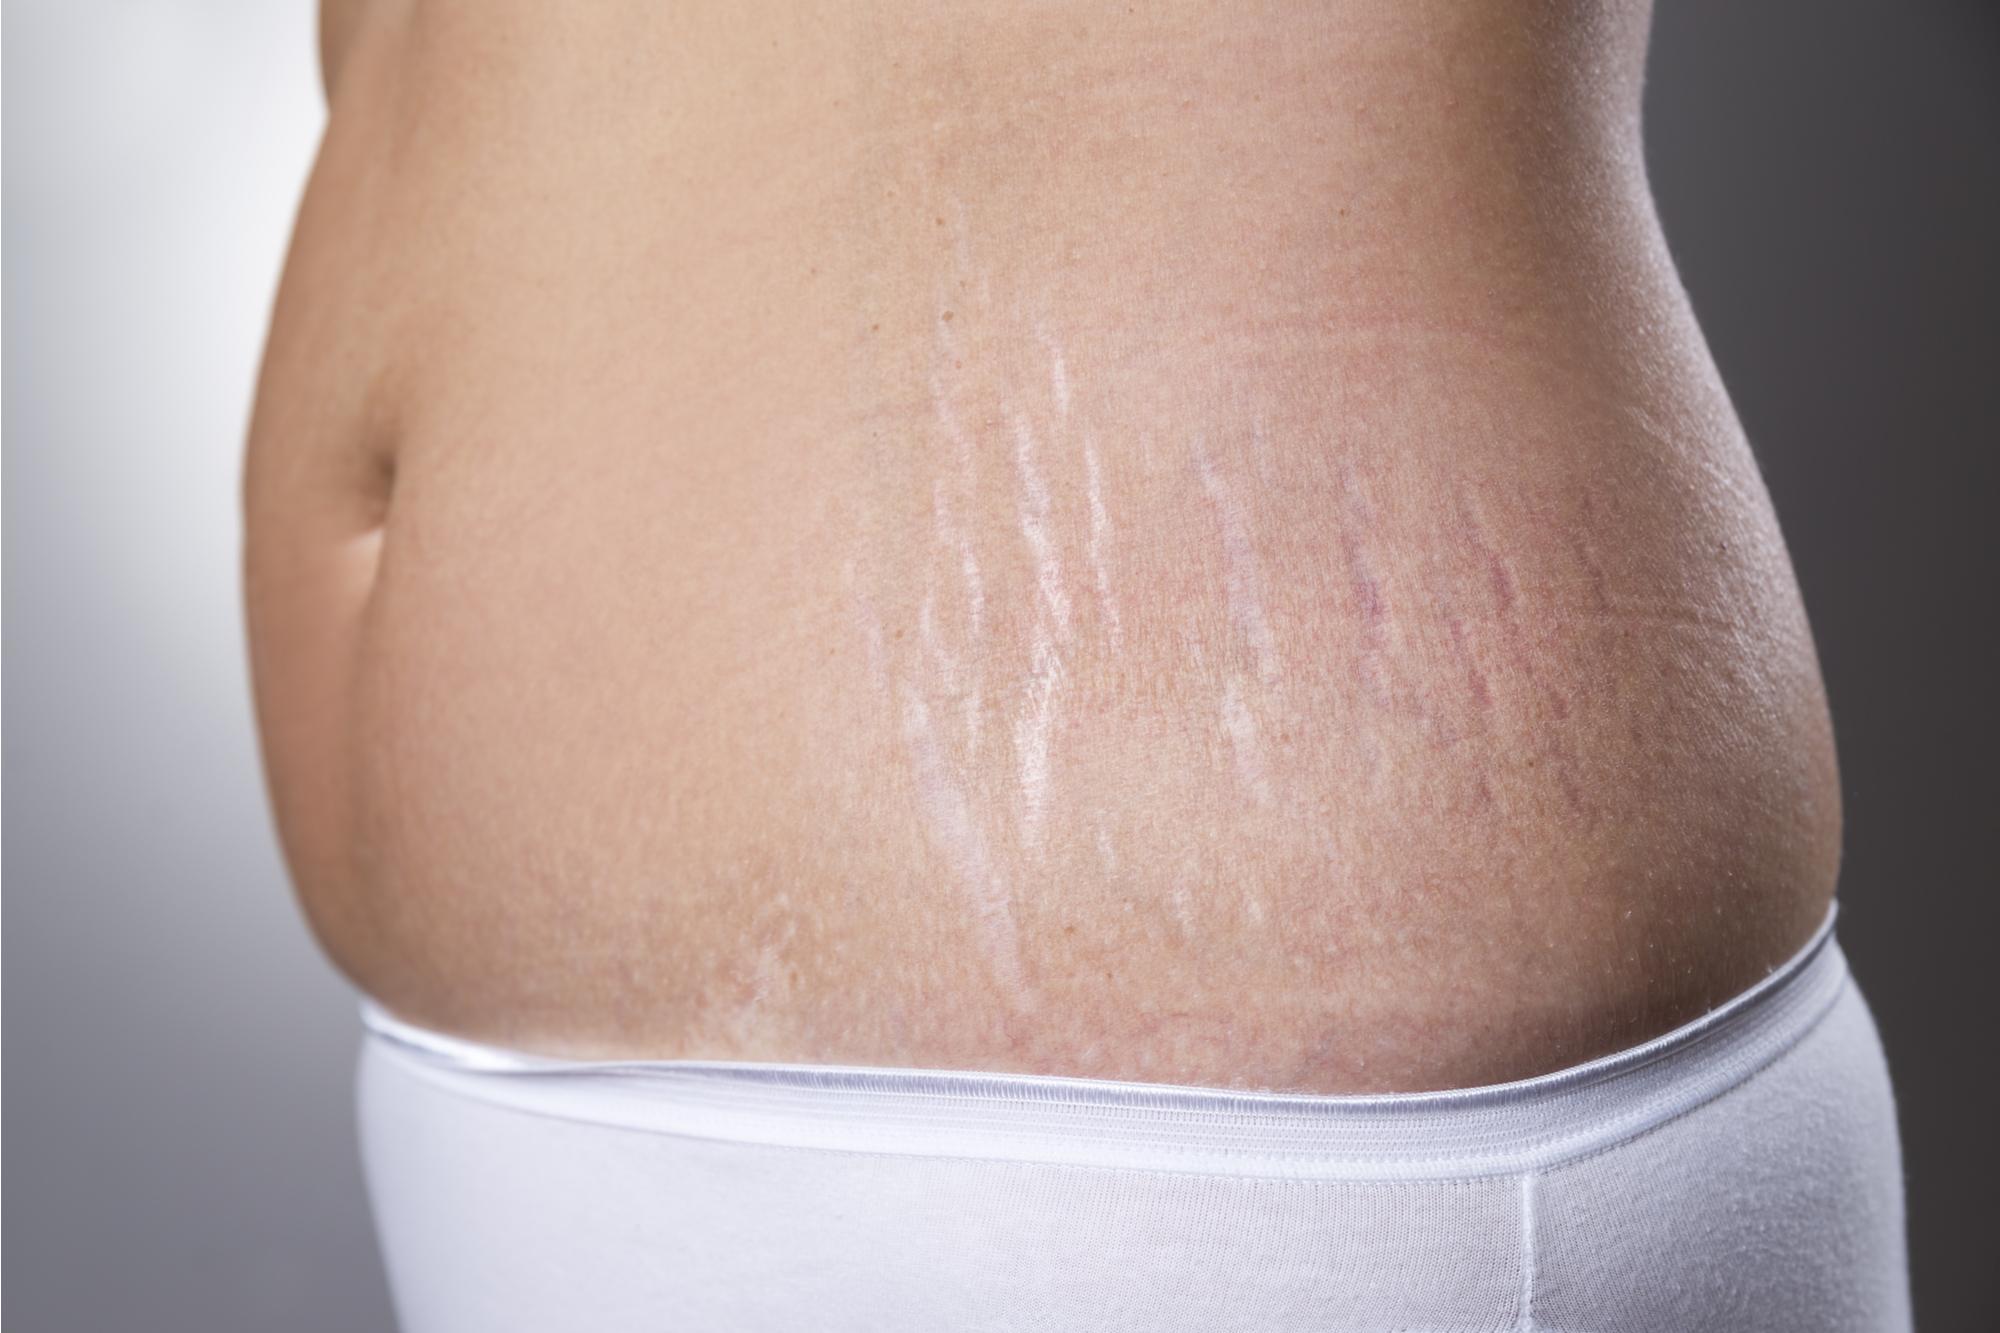 للتخلص من الدهون و علامات التمدد